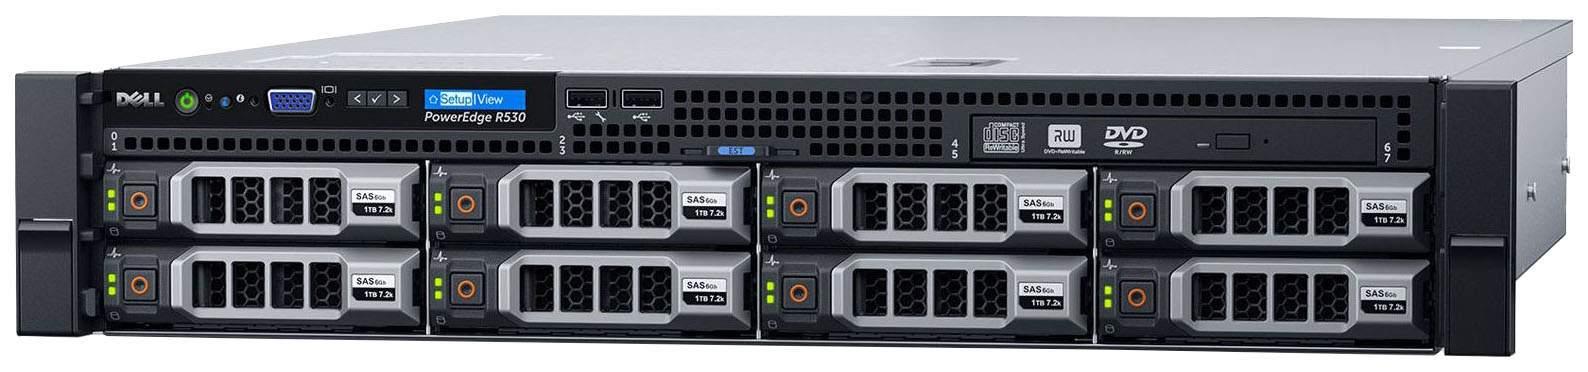 Сервер (б/у) Dell PowerEdge R530 CPU 2x Xeon E5-2630V3 2.4-3.2GHz( 8 cores 16 threads)